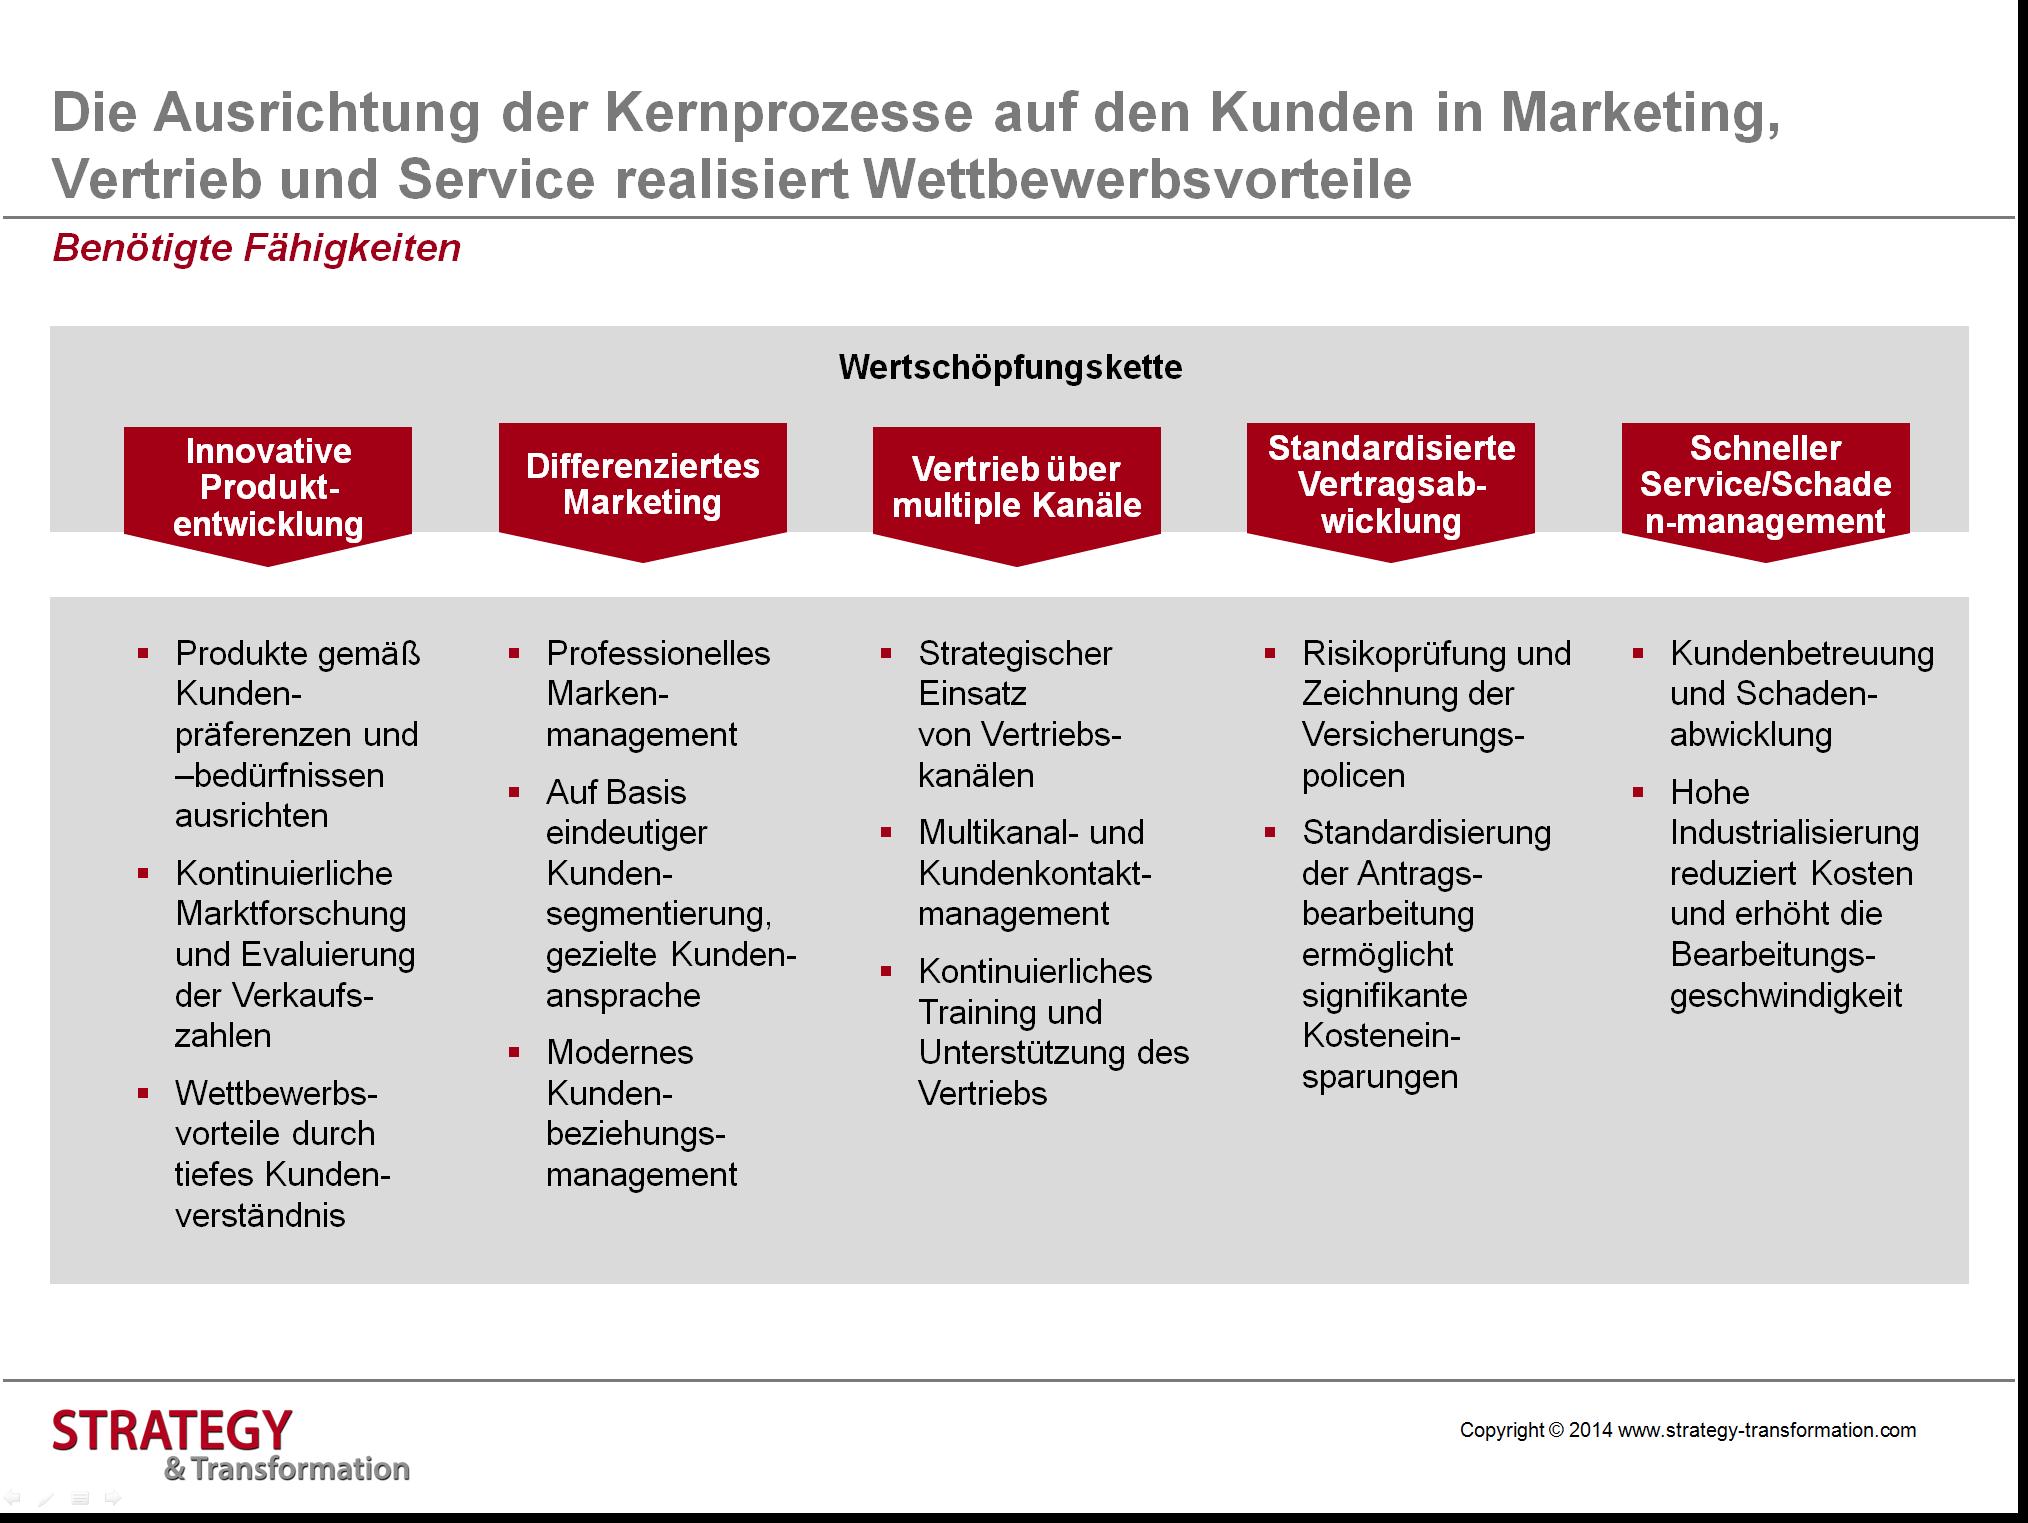 Die Ausrichtung der Kernprozesse auf den Kunden in Marketing, Vertrieb und Service realisiert Wettbewerbsvorteile